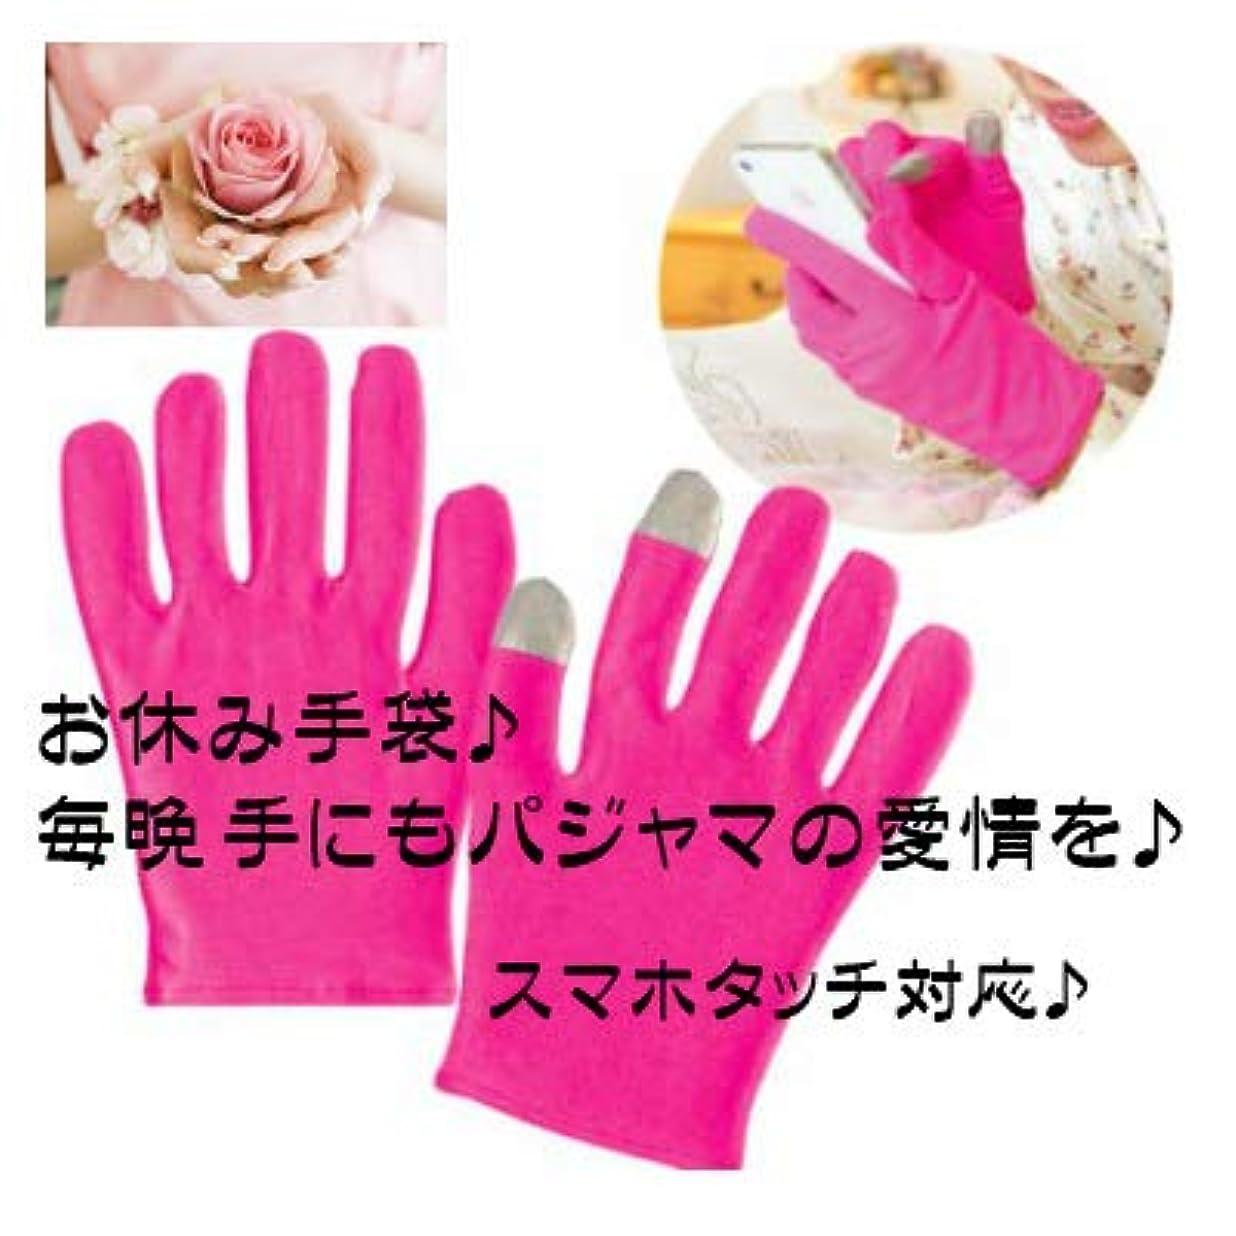 疑い者ホテル手入れ●美容ハンドケア手袋 就寝手袋 スマホタッチ対応 おやすみ手袋保湿手袋ネイルケア